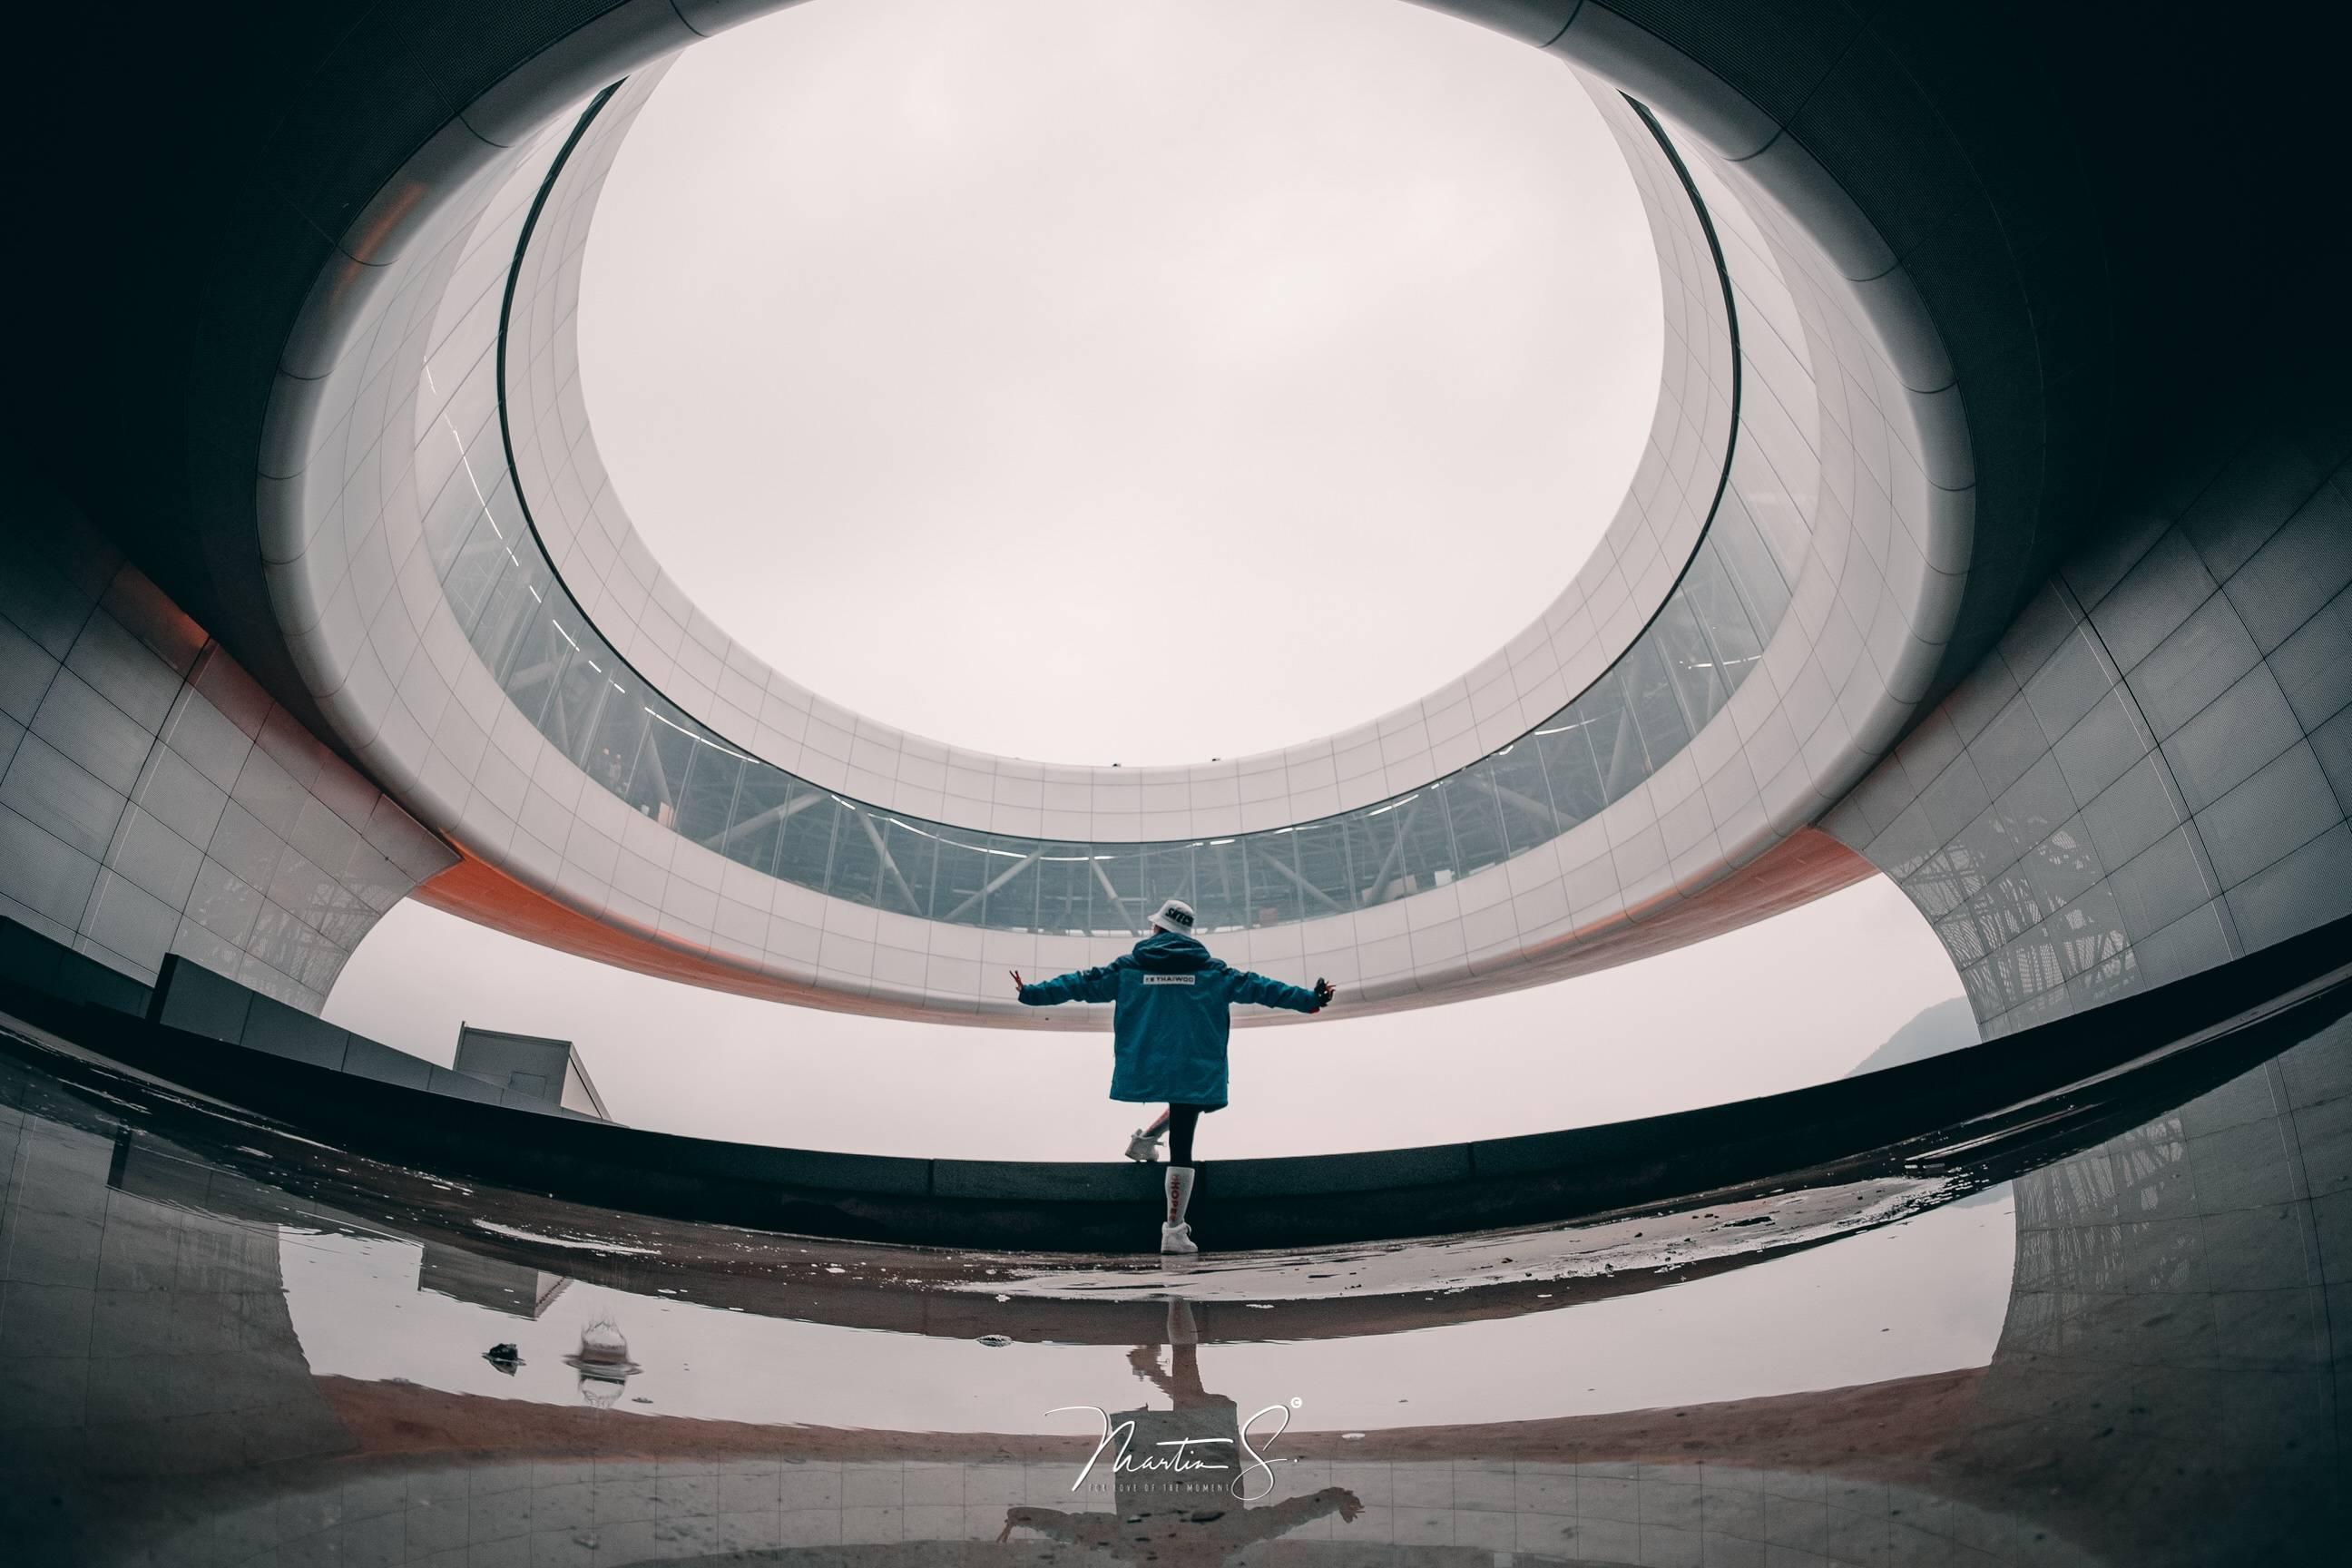 """解码""""雪如意"""" 克罗地亚摄影师马丁怎么拍?"""